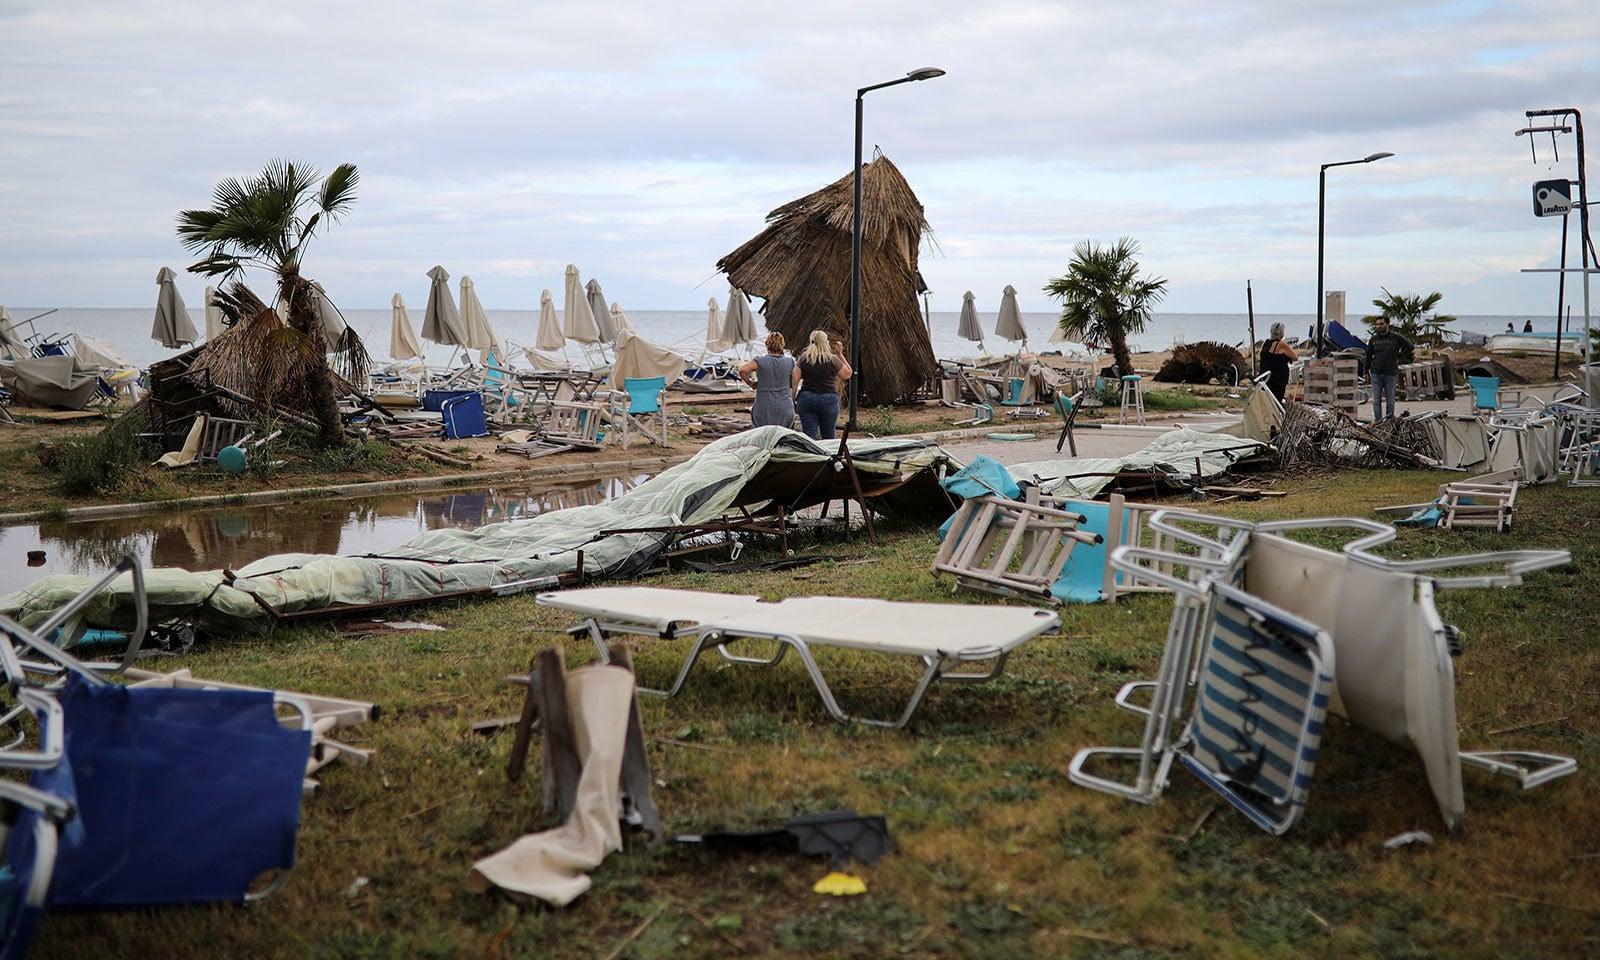 طوفان کے نتیجے میں کئی سیاح زخمی بھی ہوئے — فوٹو: رائٹرز